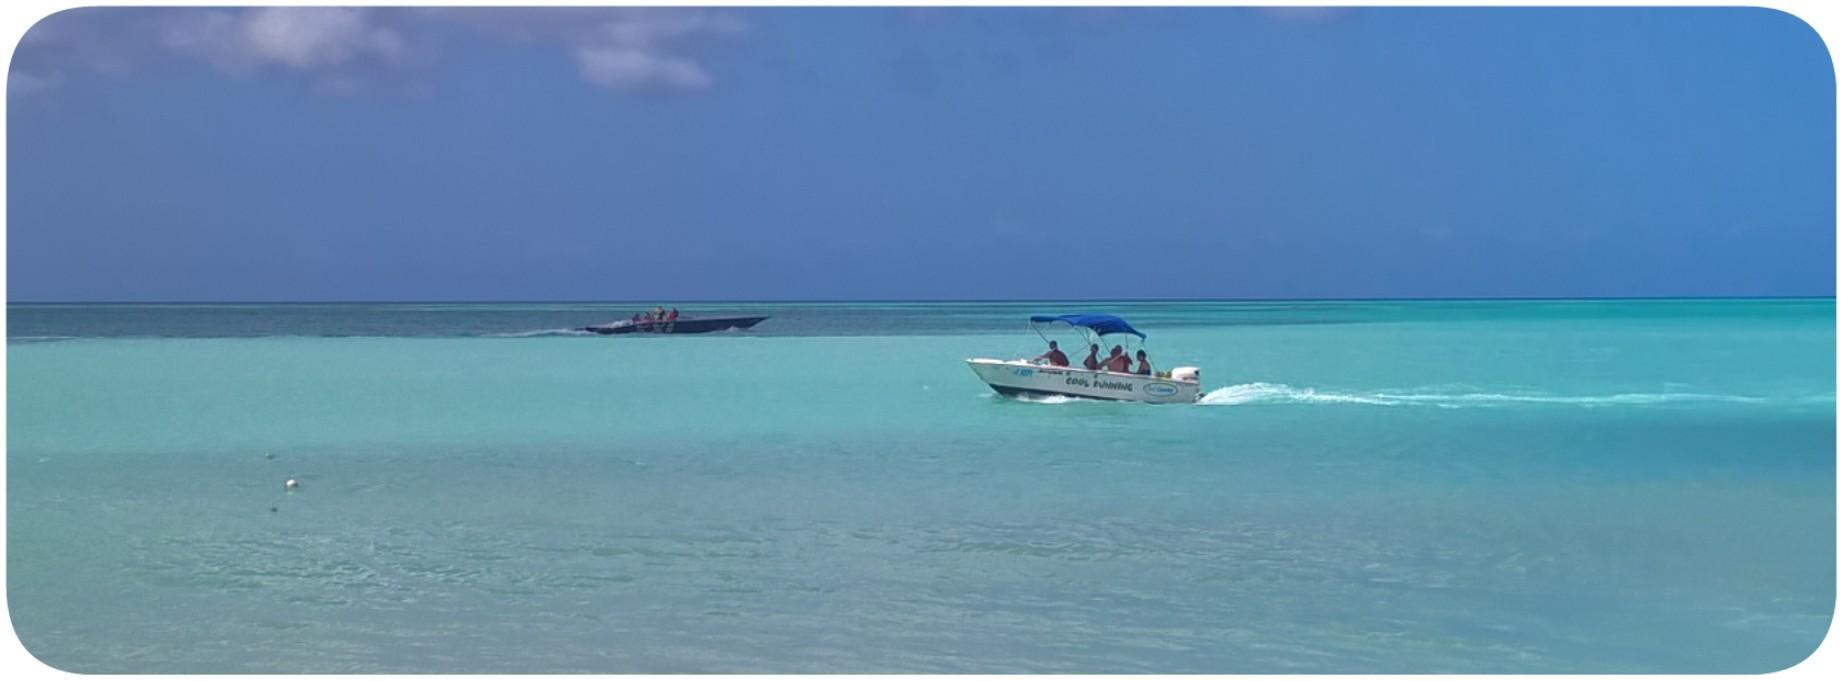 Folge336_ Vergessener Strand und Aruba